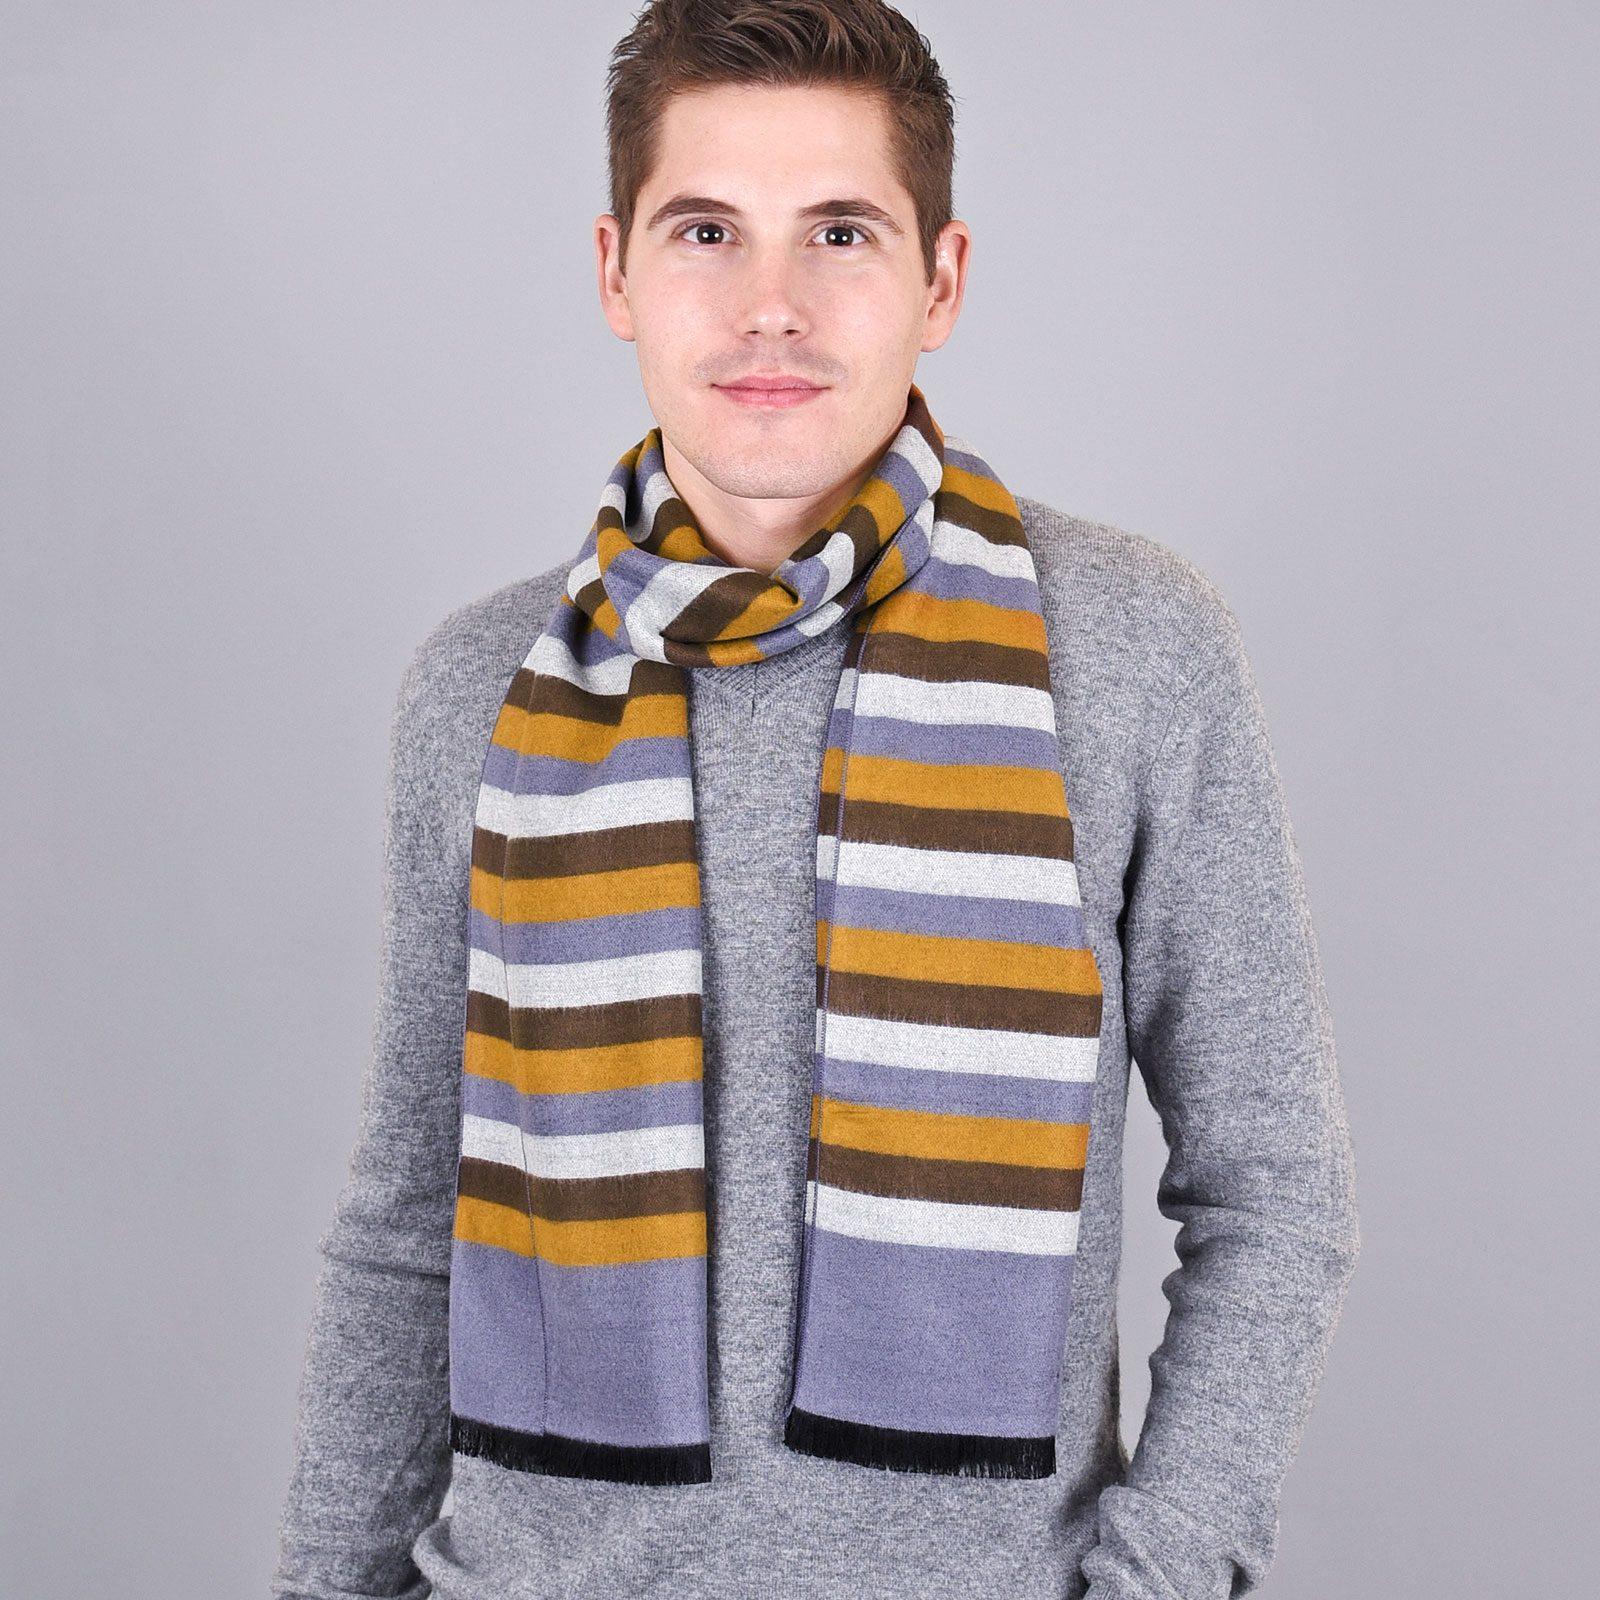 http://lookbook.allee-du-foulard.fr/wp-content/uploads/2018/11/AT-02682-VH16-echarpe-homme-lignes-bleu-moutarde-1600x1600.jpg